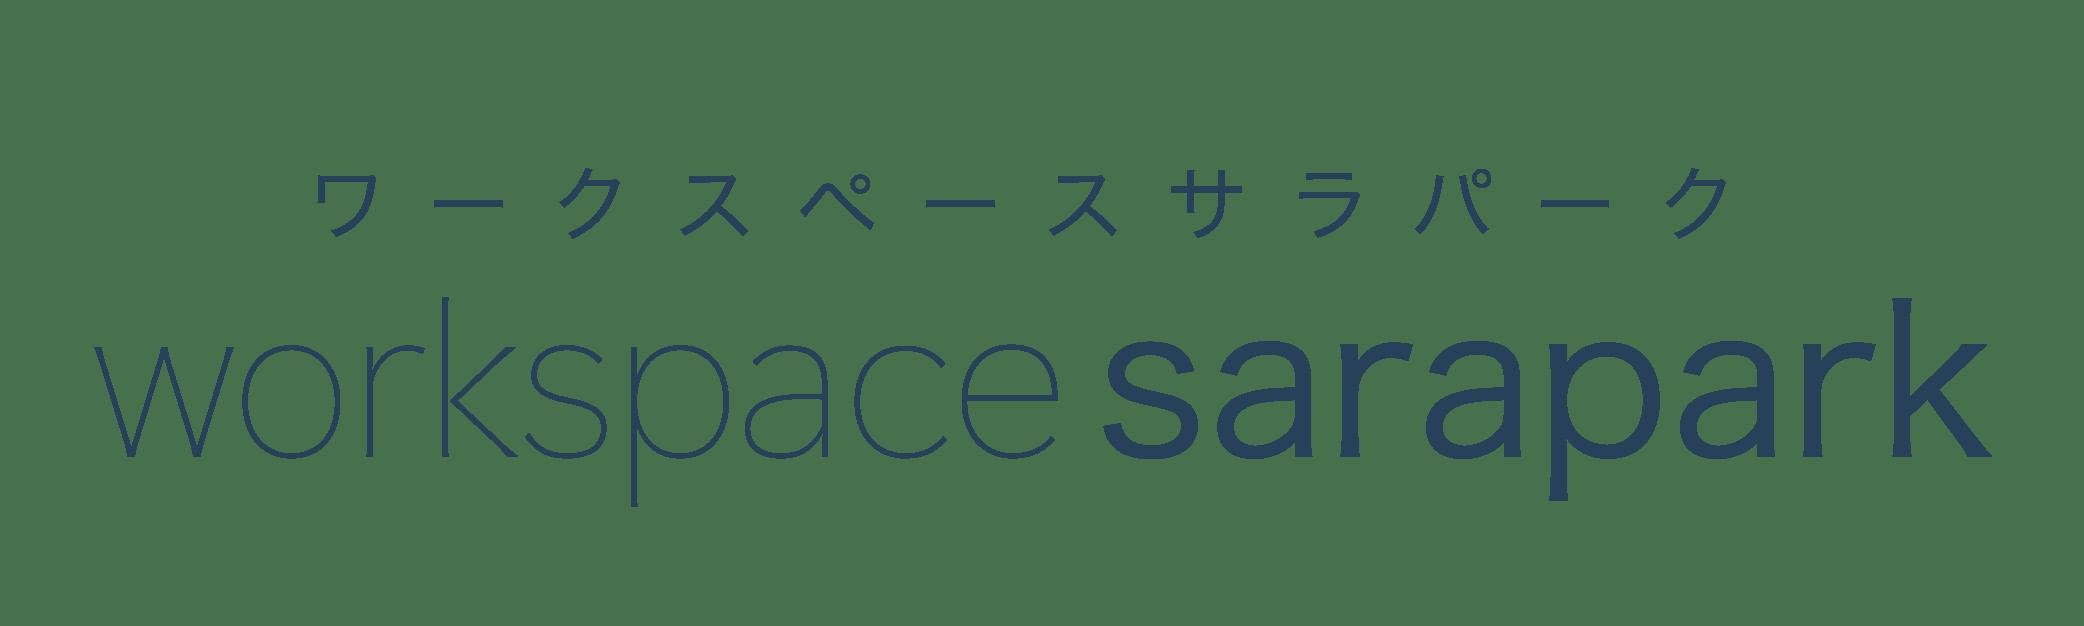 workspace sarapark(ワークスペースサラパーク)